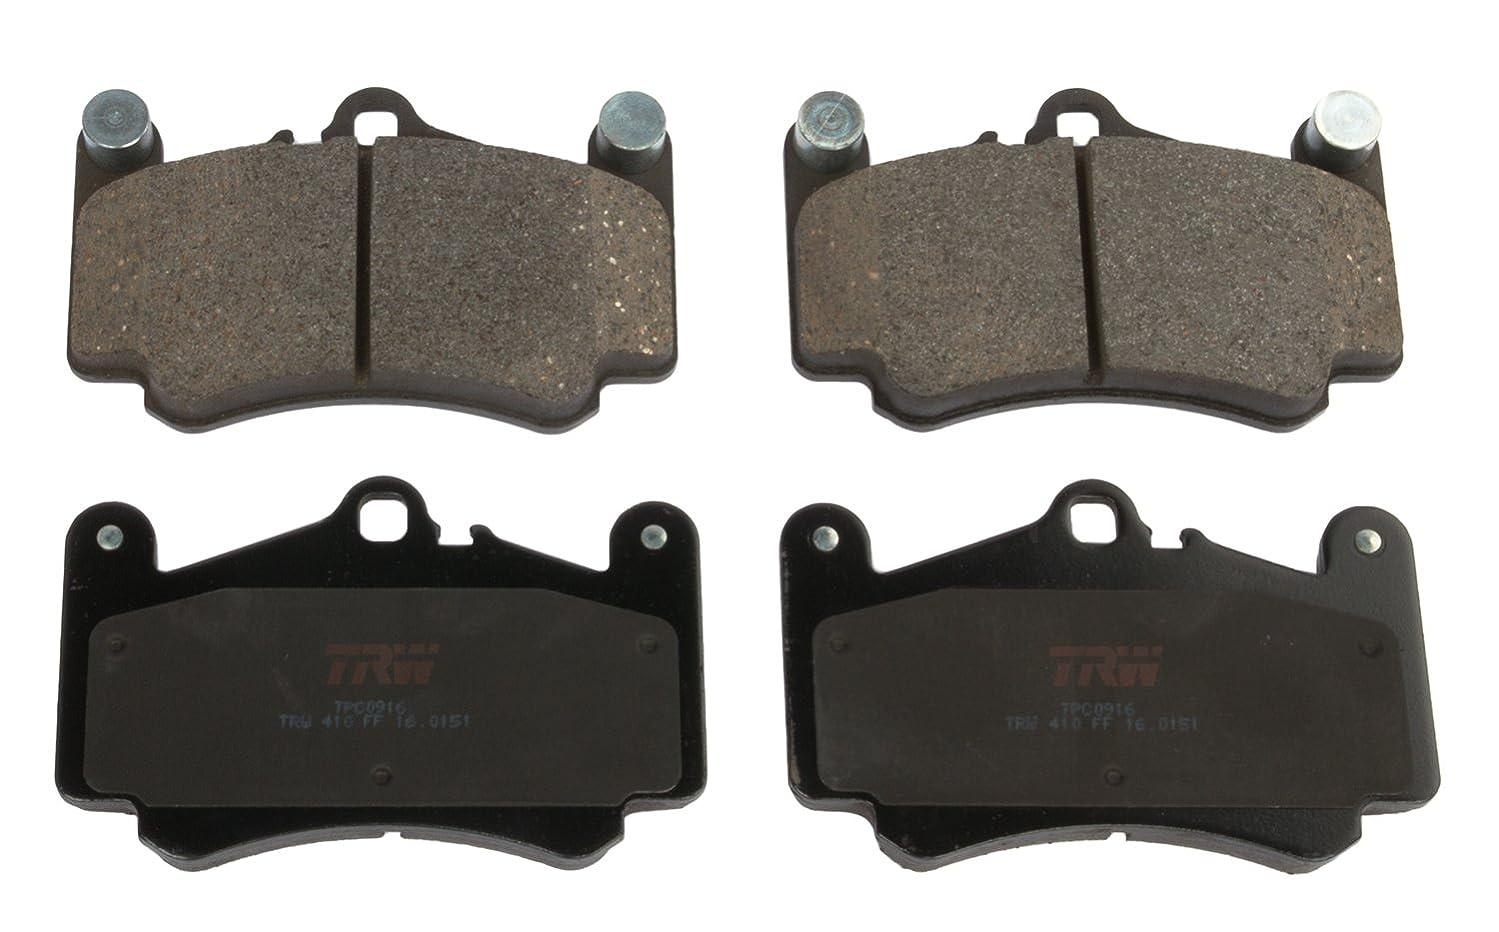 TRW Black TPC0916 Premium Ceramic Front Disc Brake Pad Set